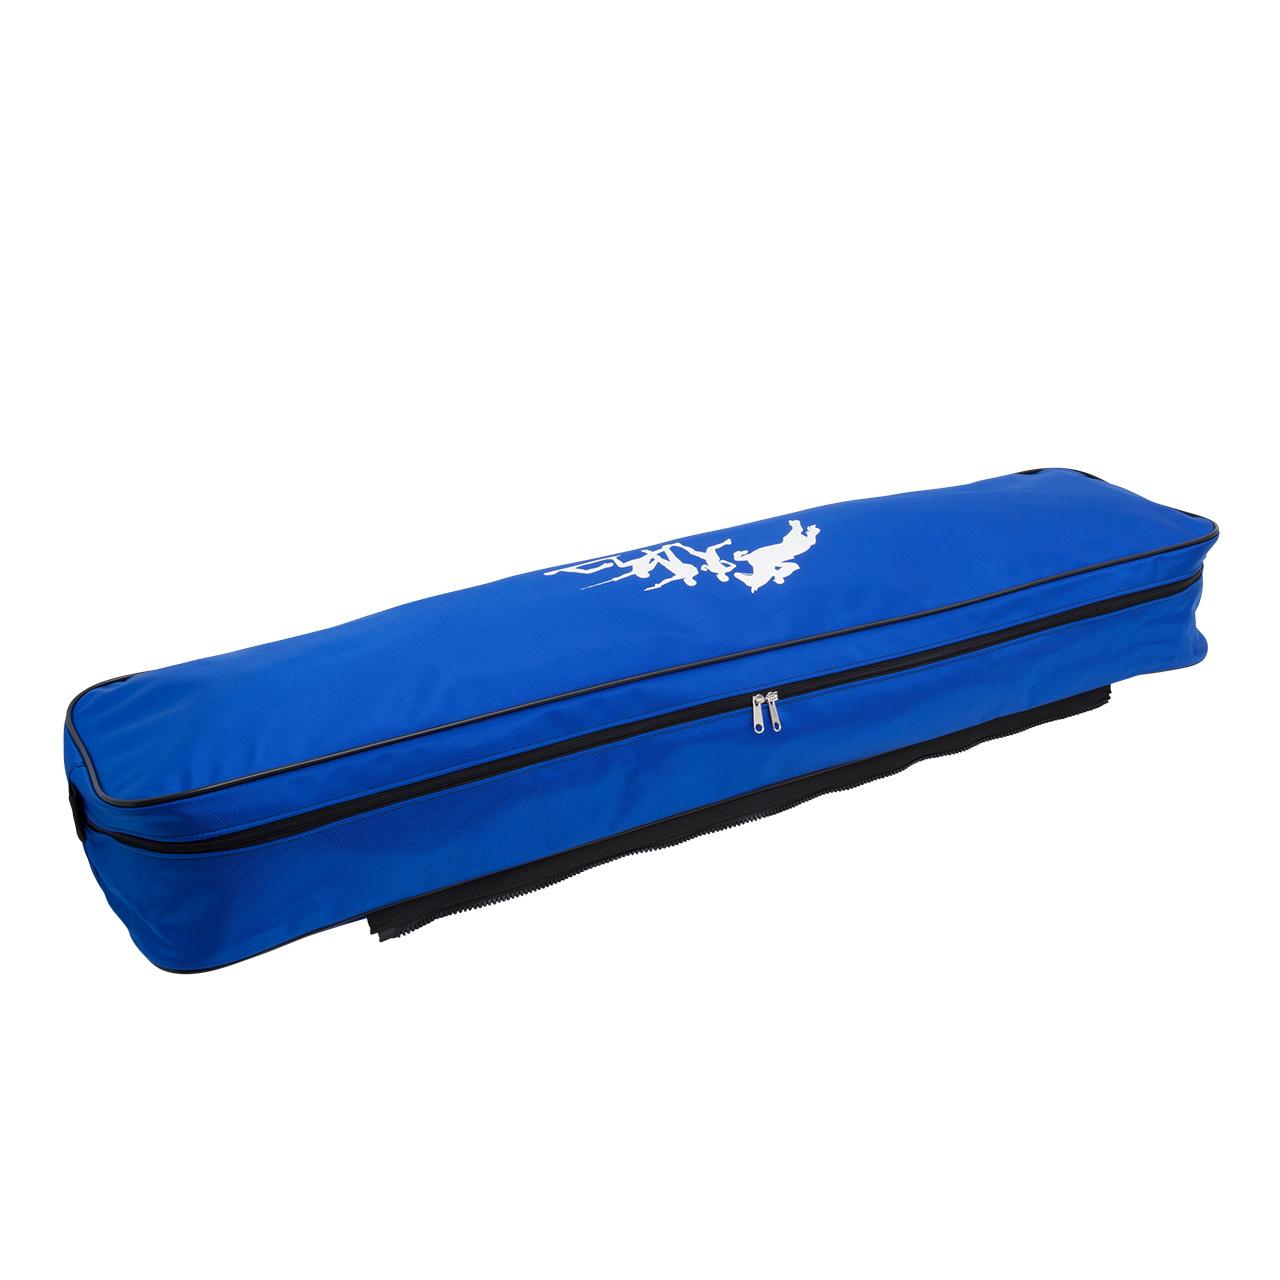 """Rollbag """"Pentathlon"""", 2 Hauptfächer, 5 Außentaschen, 1 Aufsatztasche"""